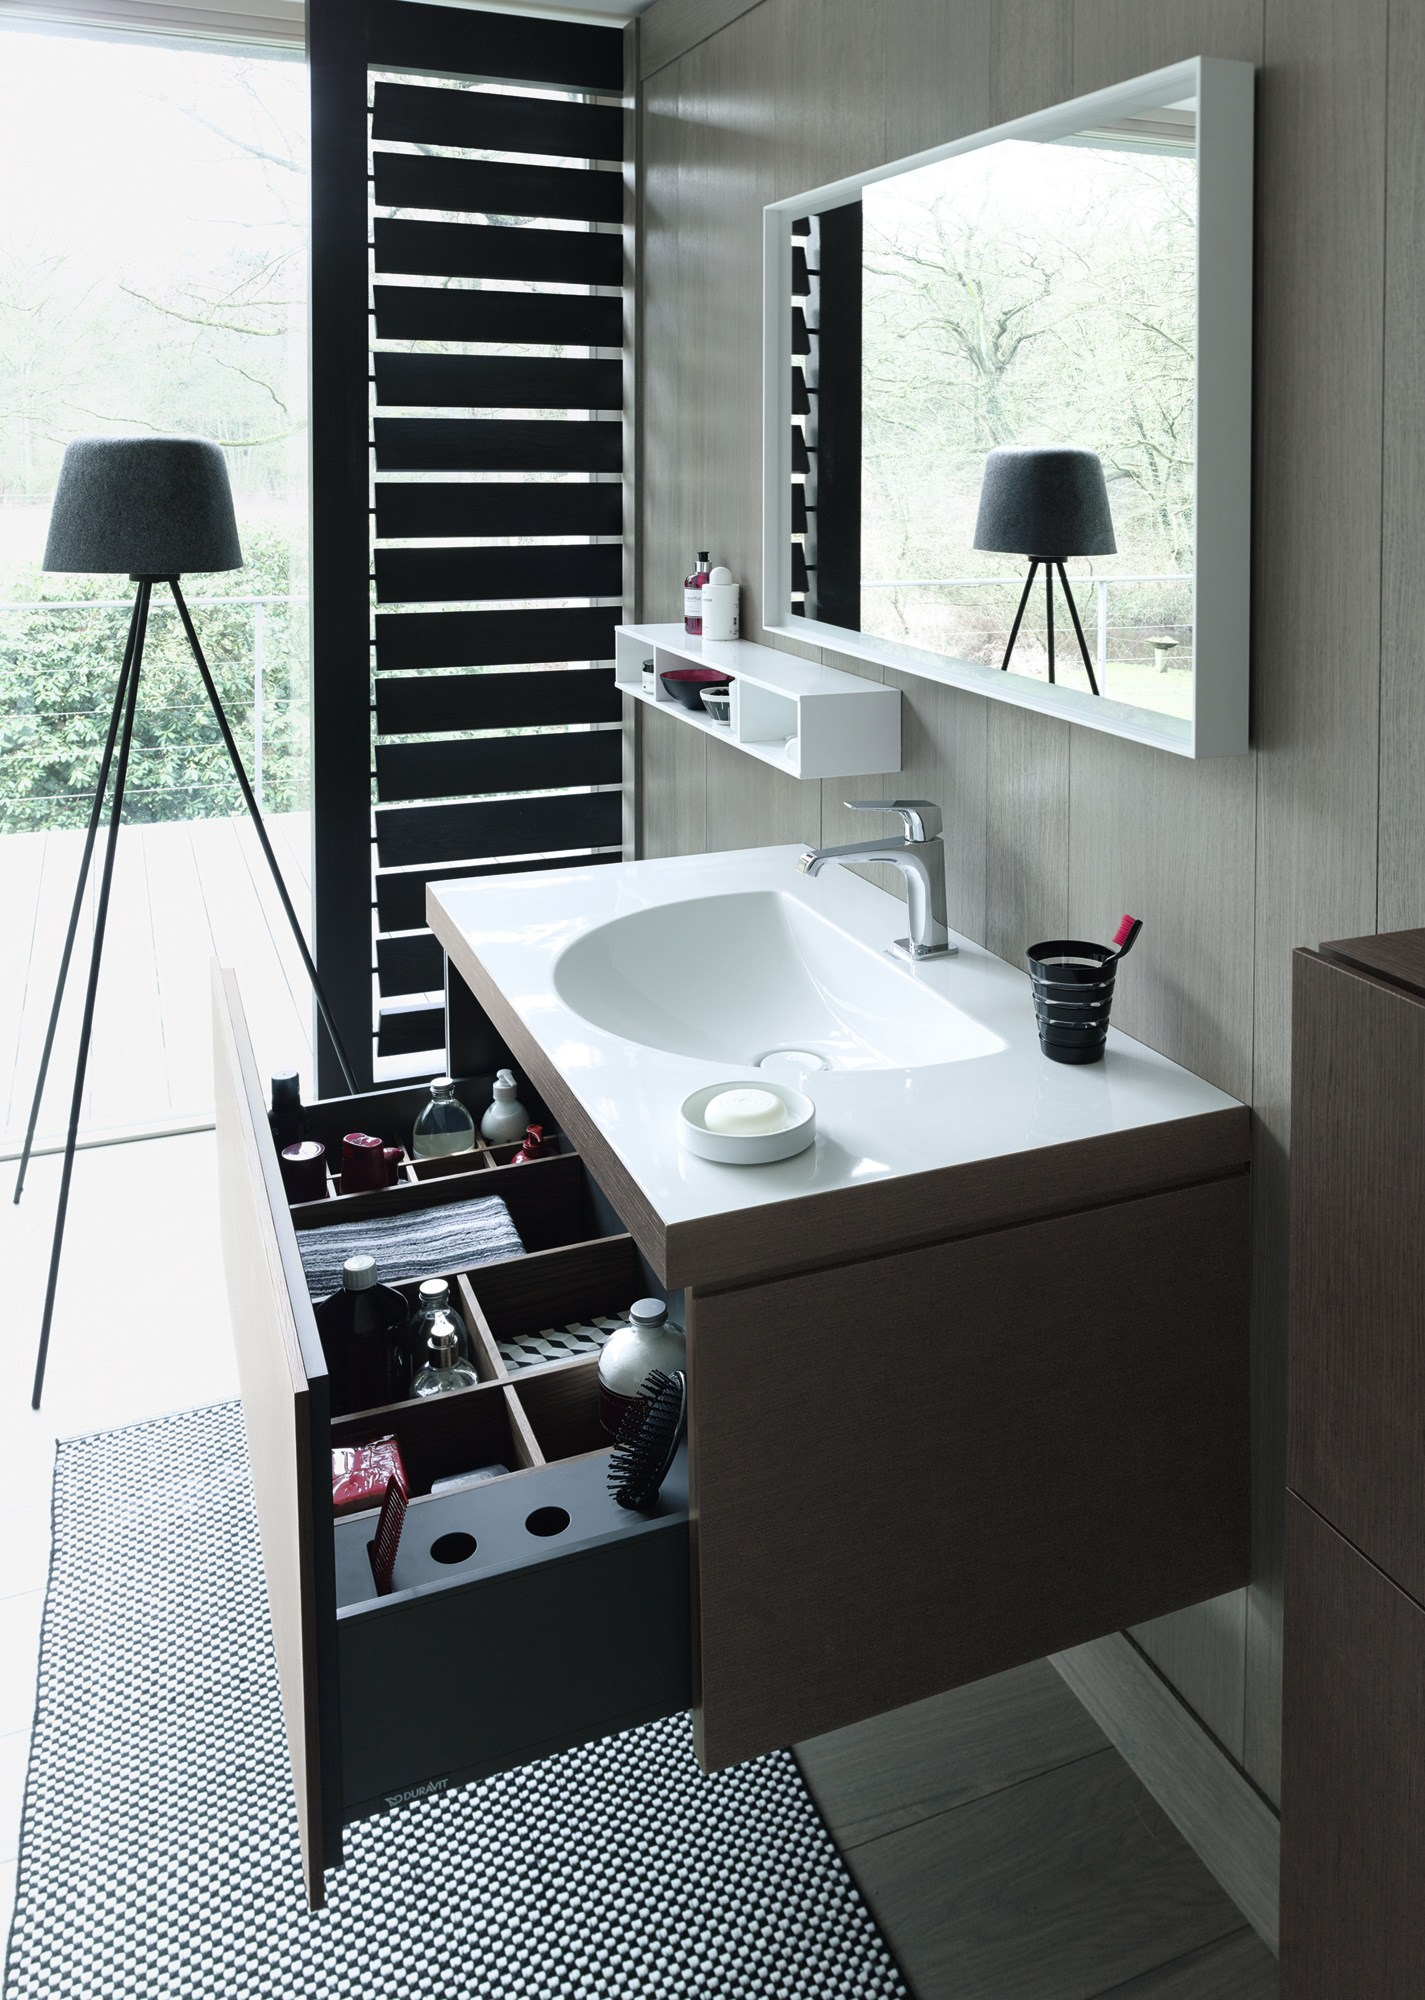 l cube c bonded mobile lavabo sospeso by duravit design christian werner. Black Bedroom Furniture Sets. Home Design Ideas